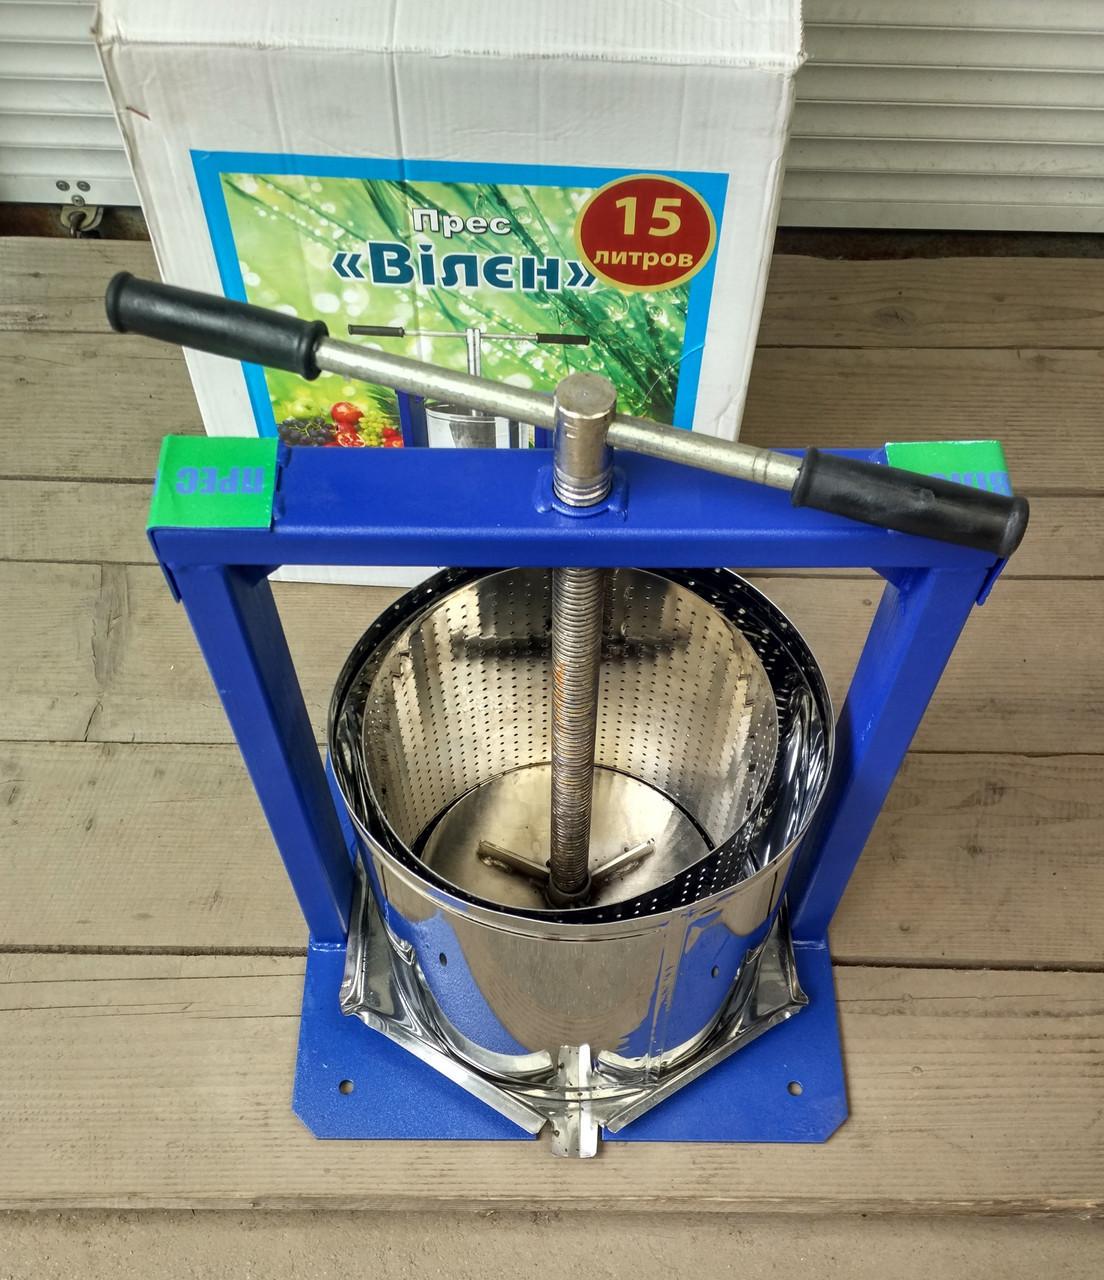 Пресс для сока ручной Вилен 15л